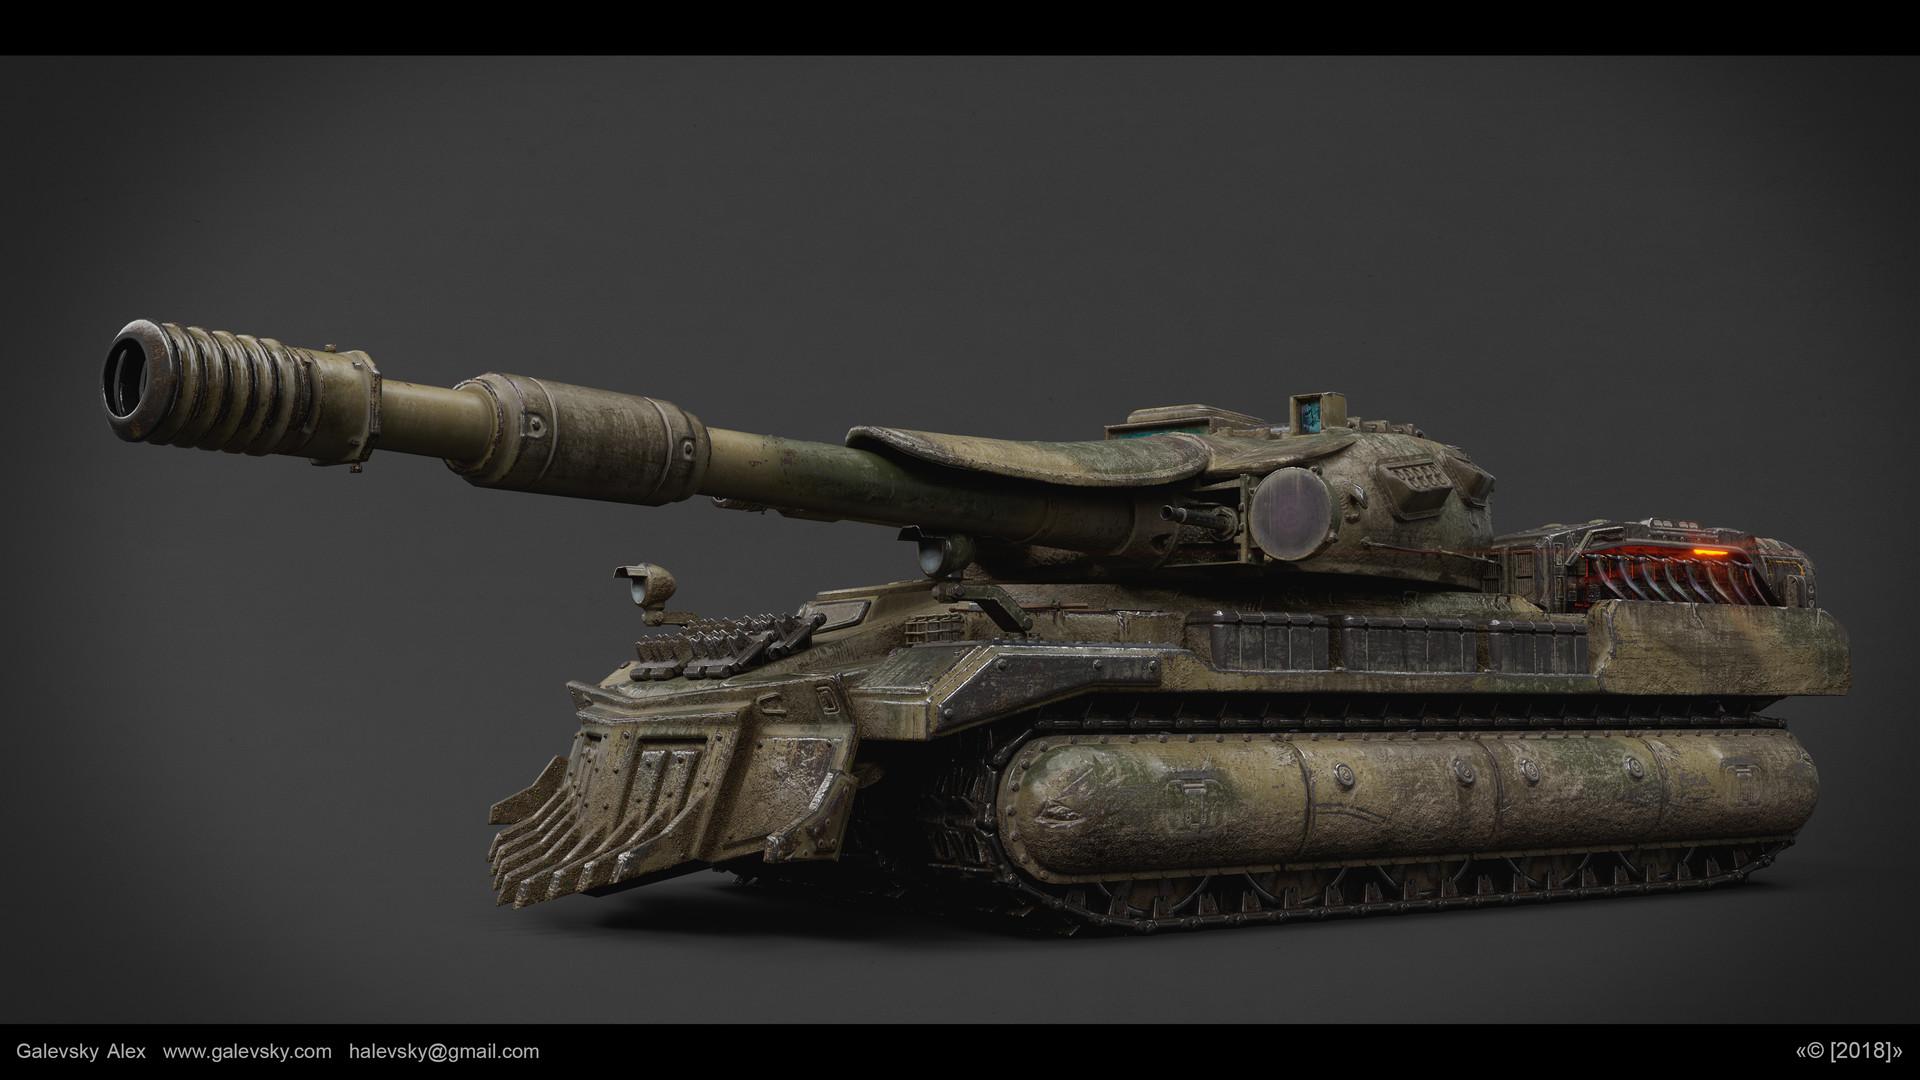 Aleksander galevskyi model 10